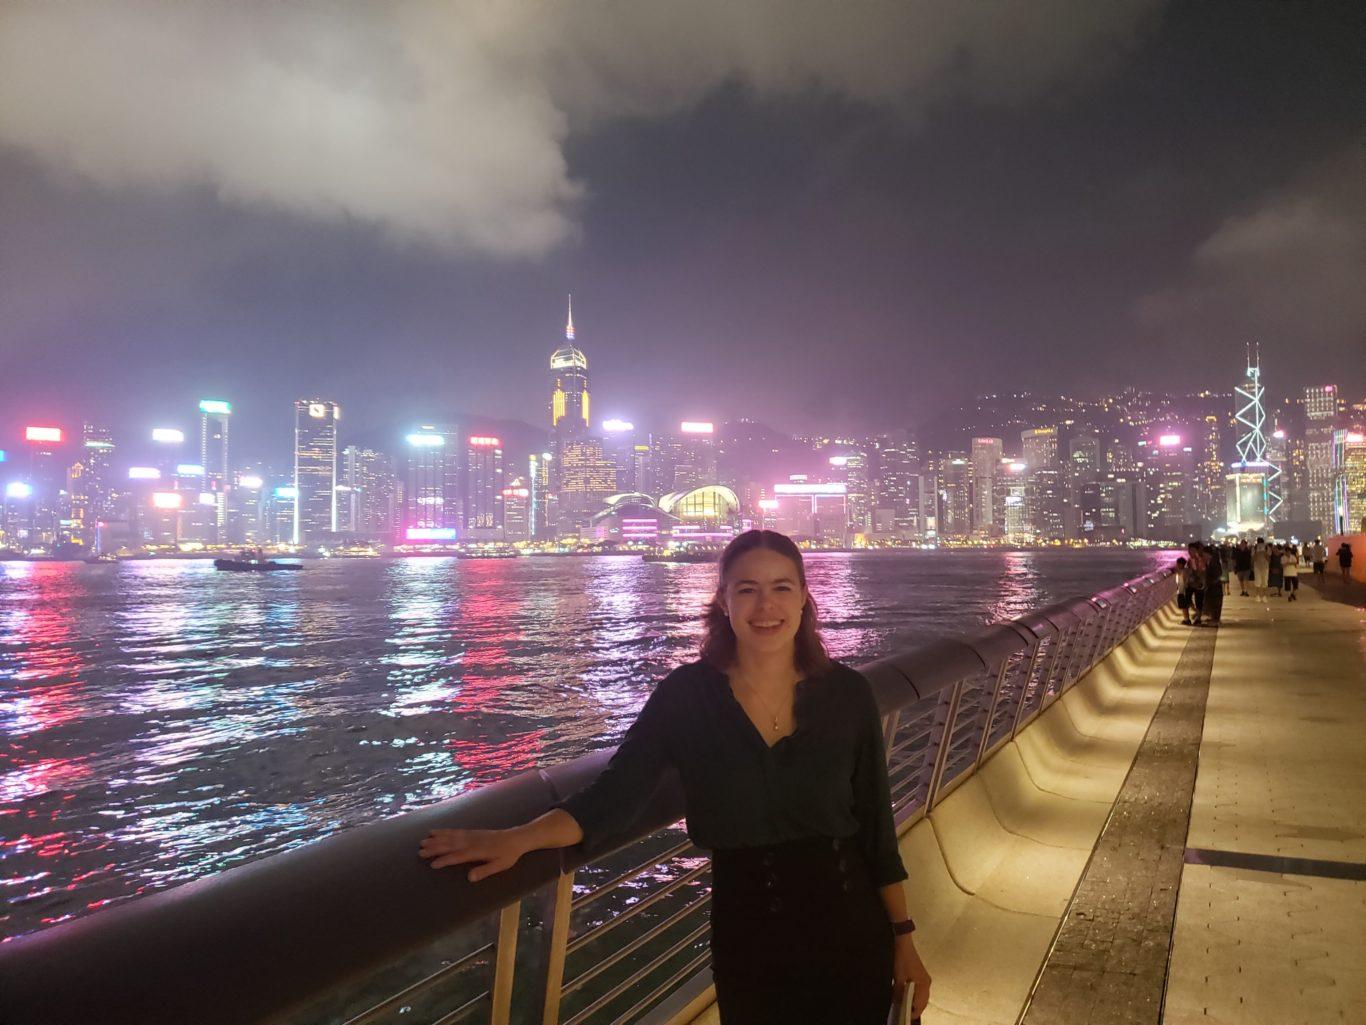 OC student and Hong Kong skyline at night